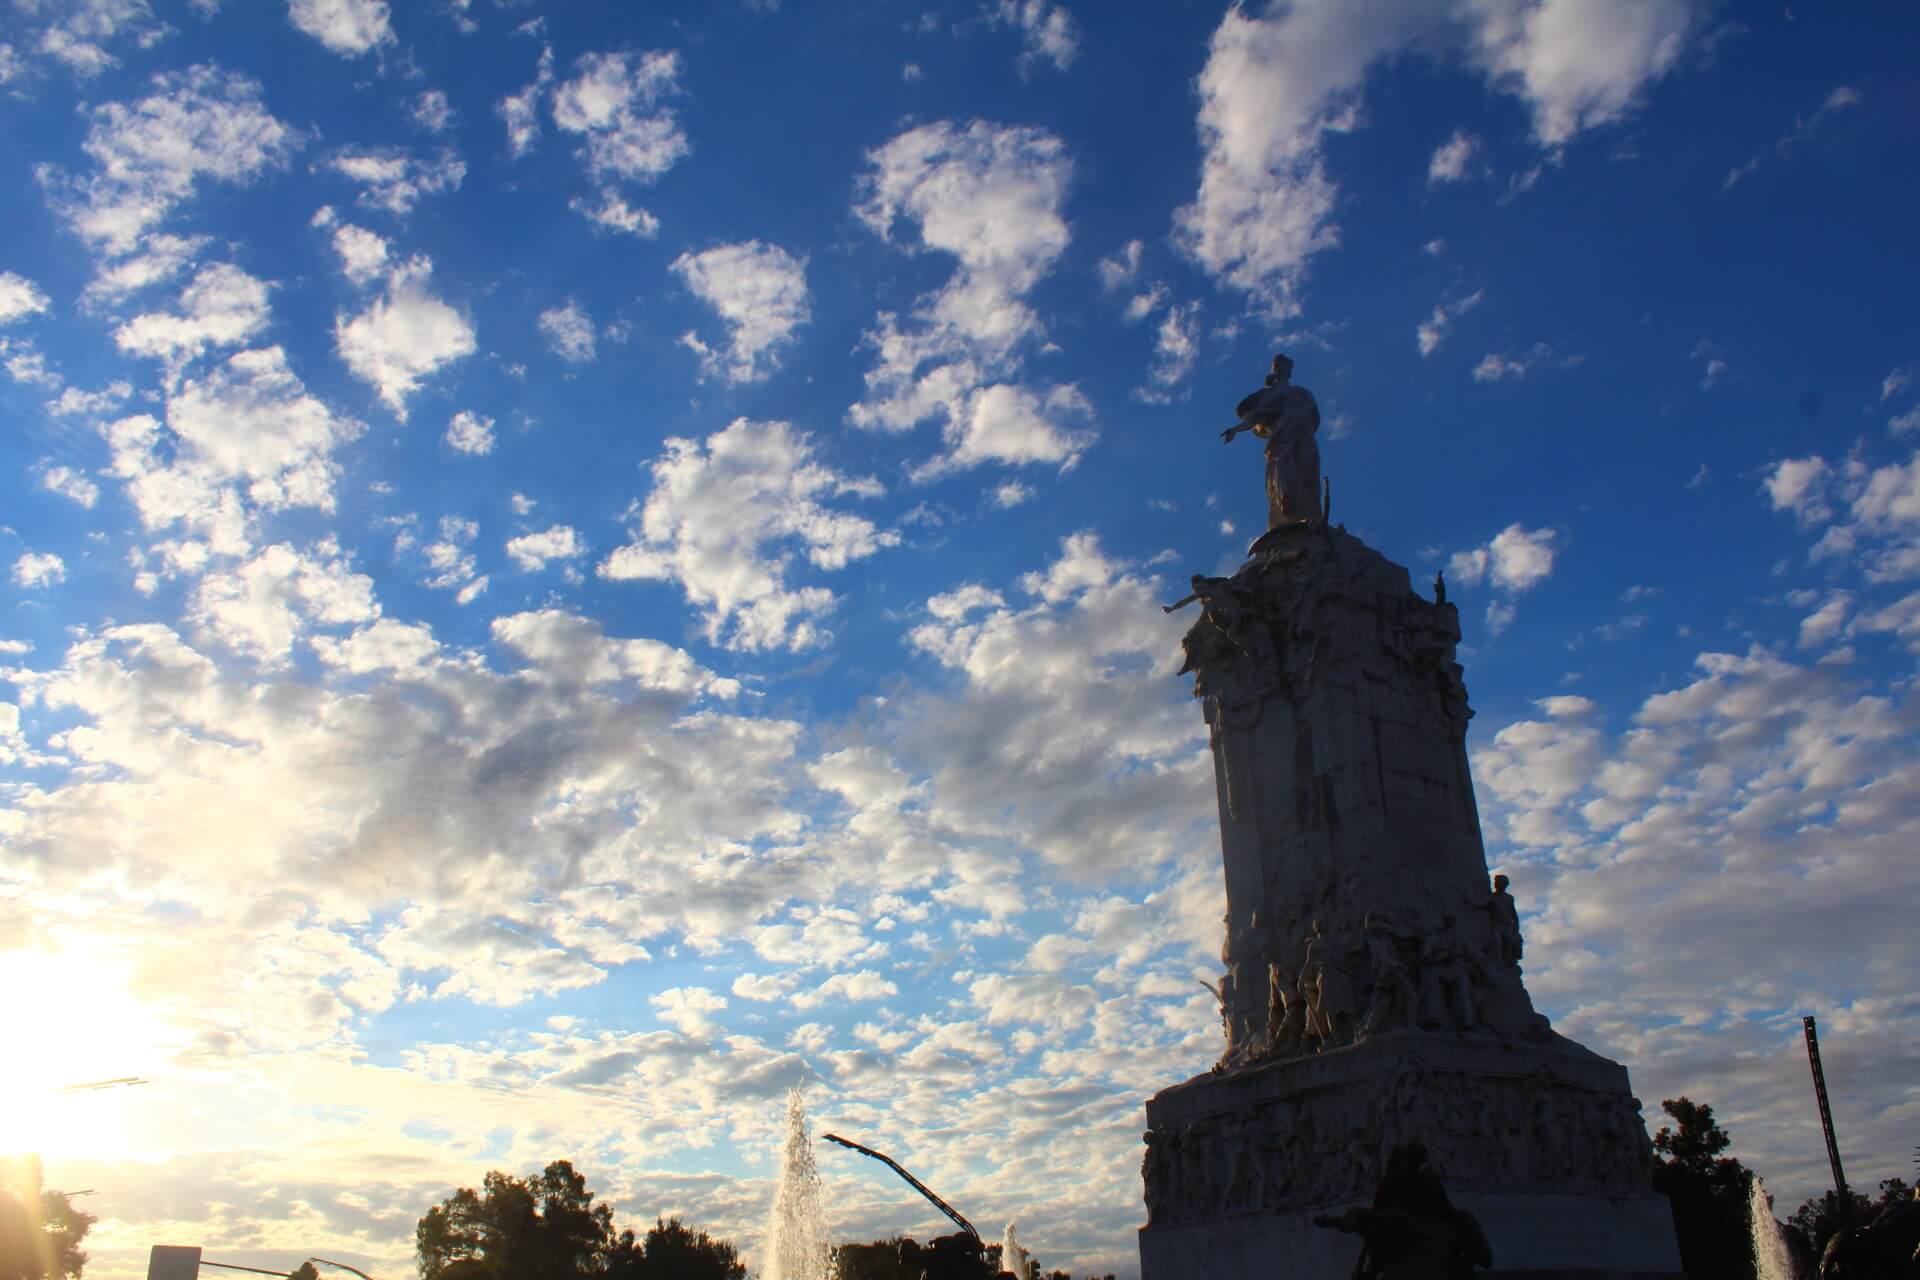 ブエノスアイレスは美しい街